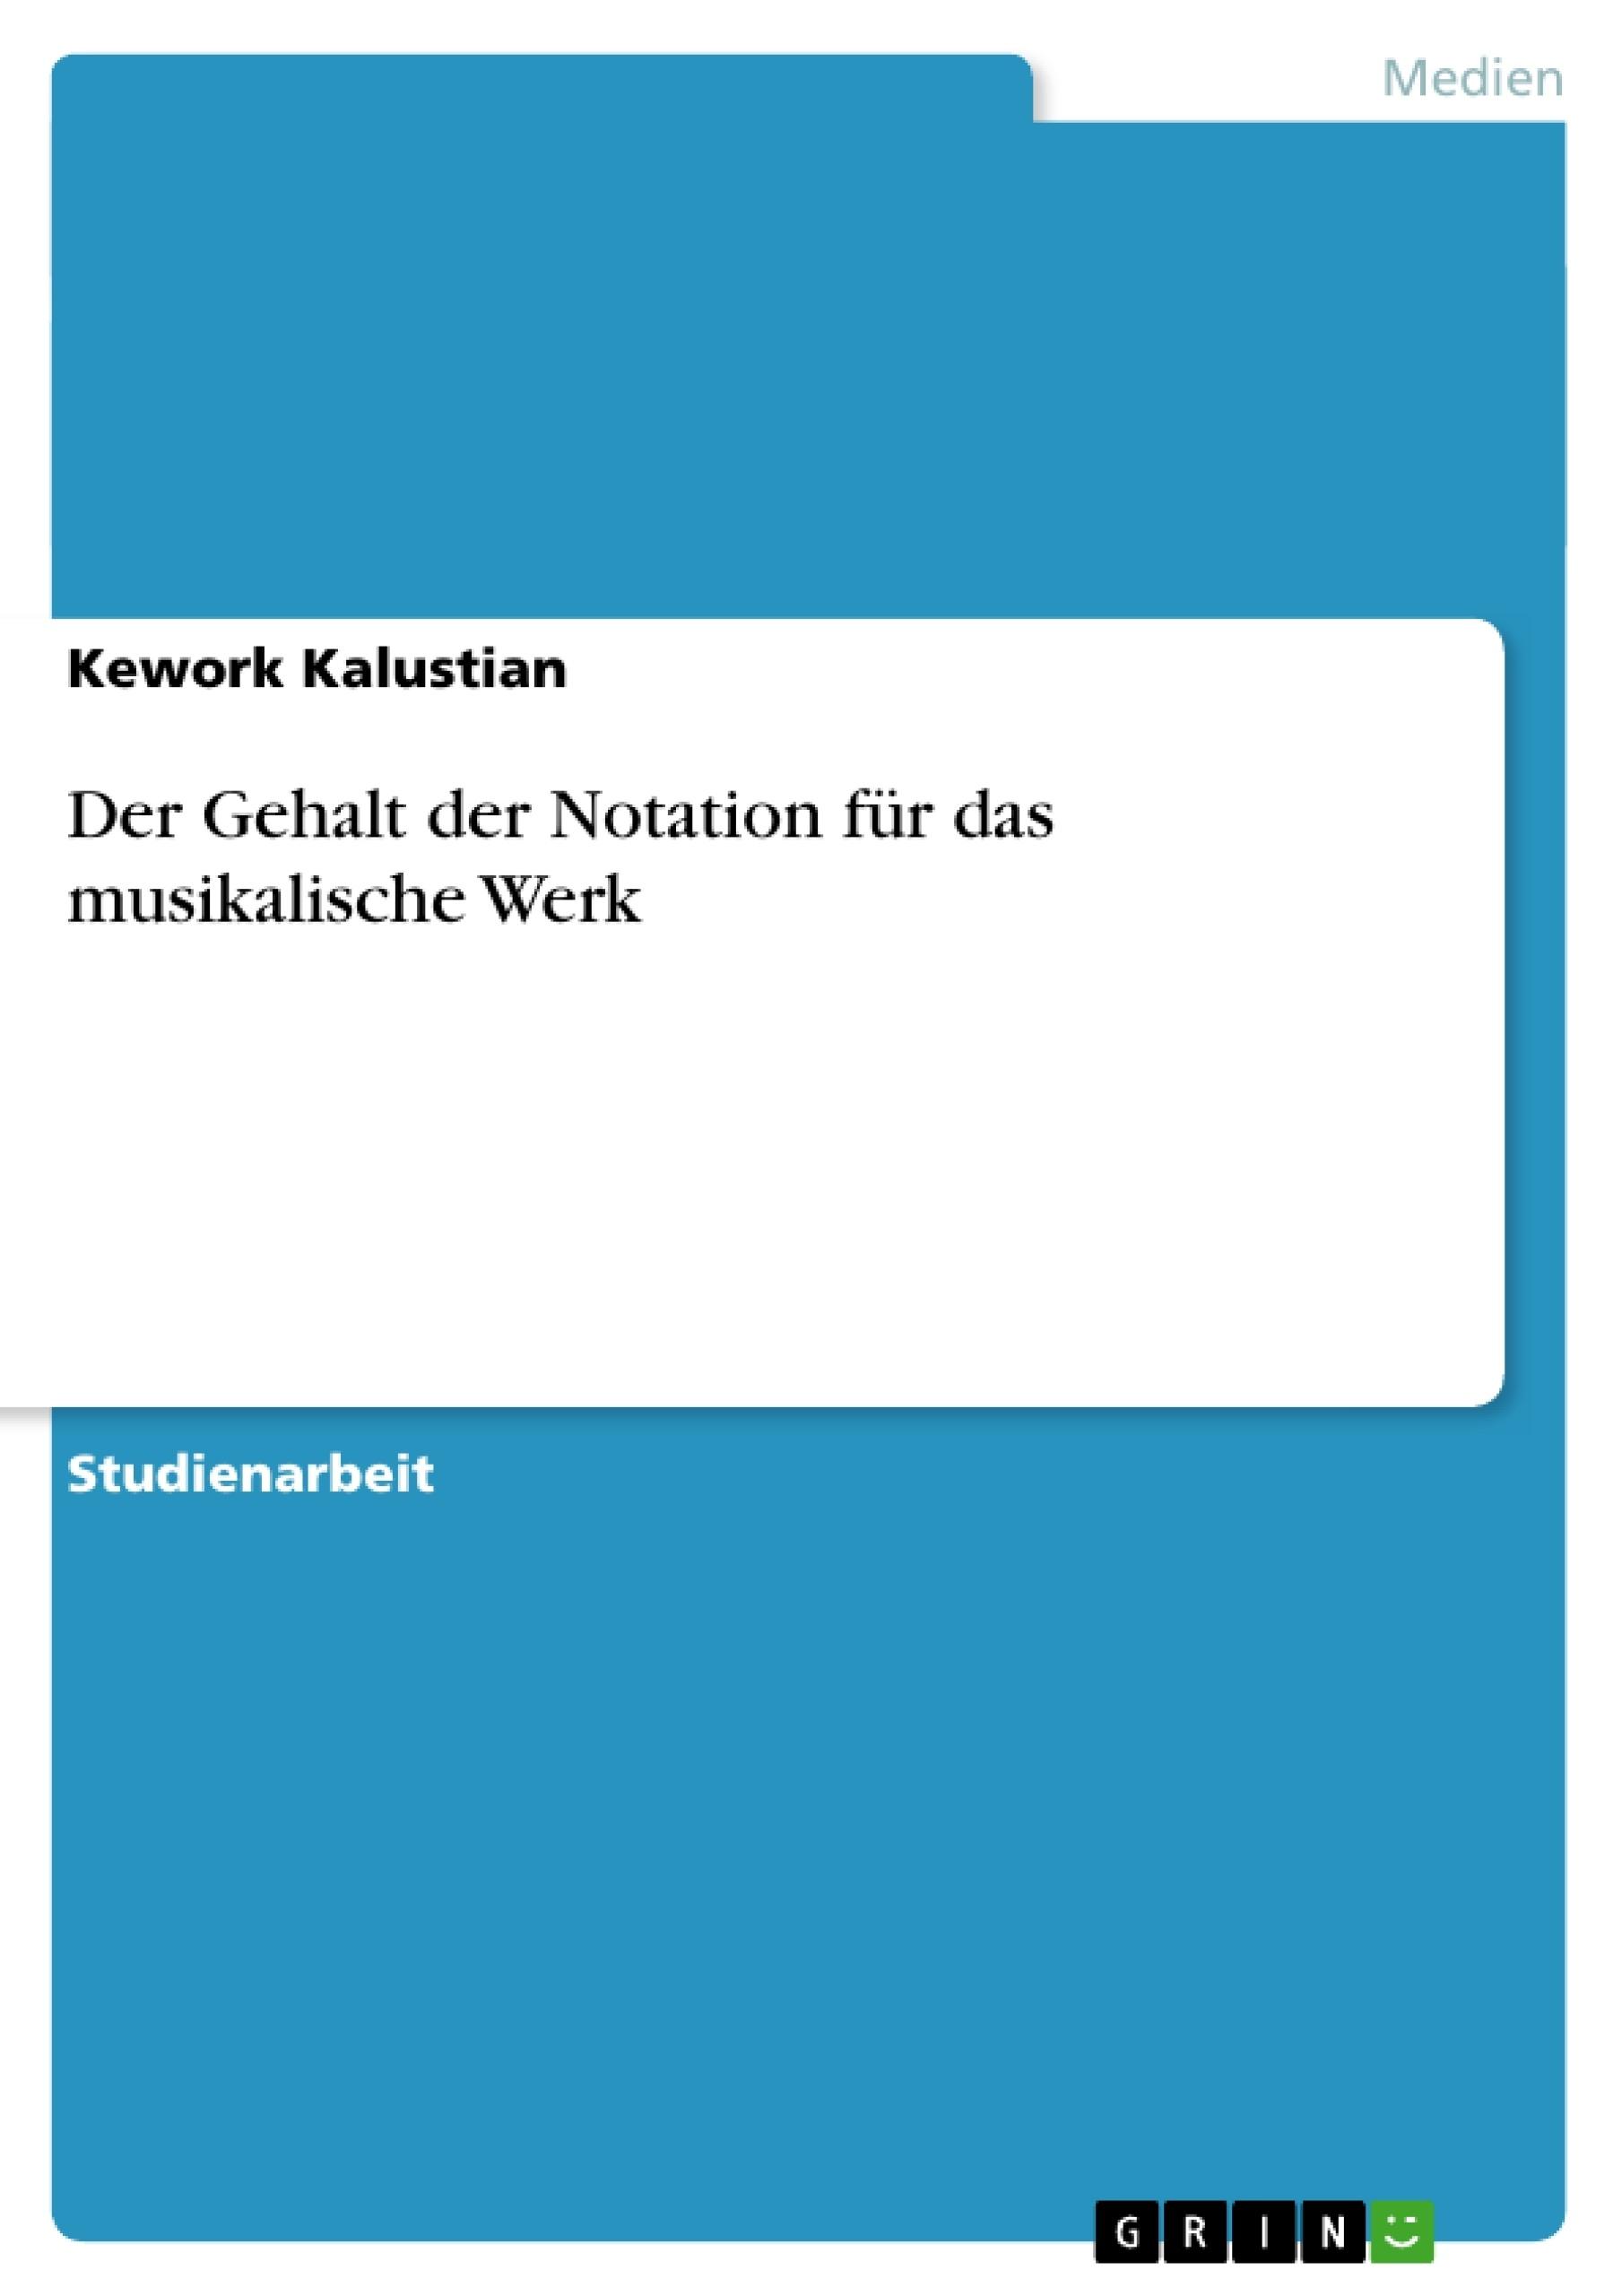 Titel: Der Gehalt der Notation für das musikalische Werk